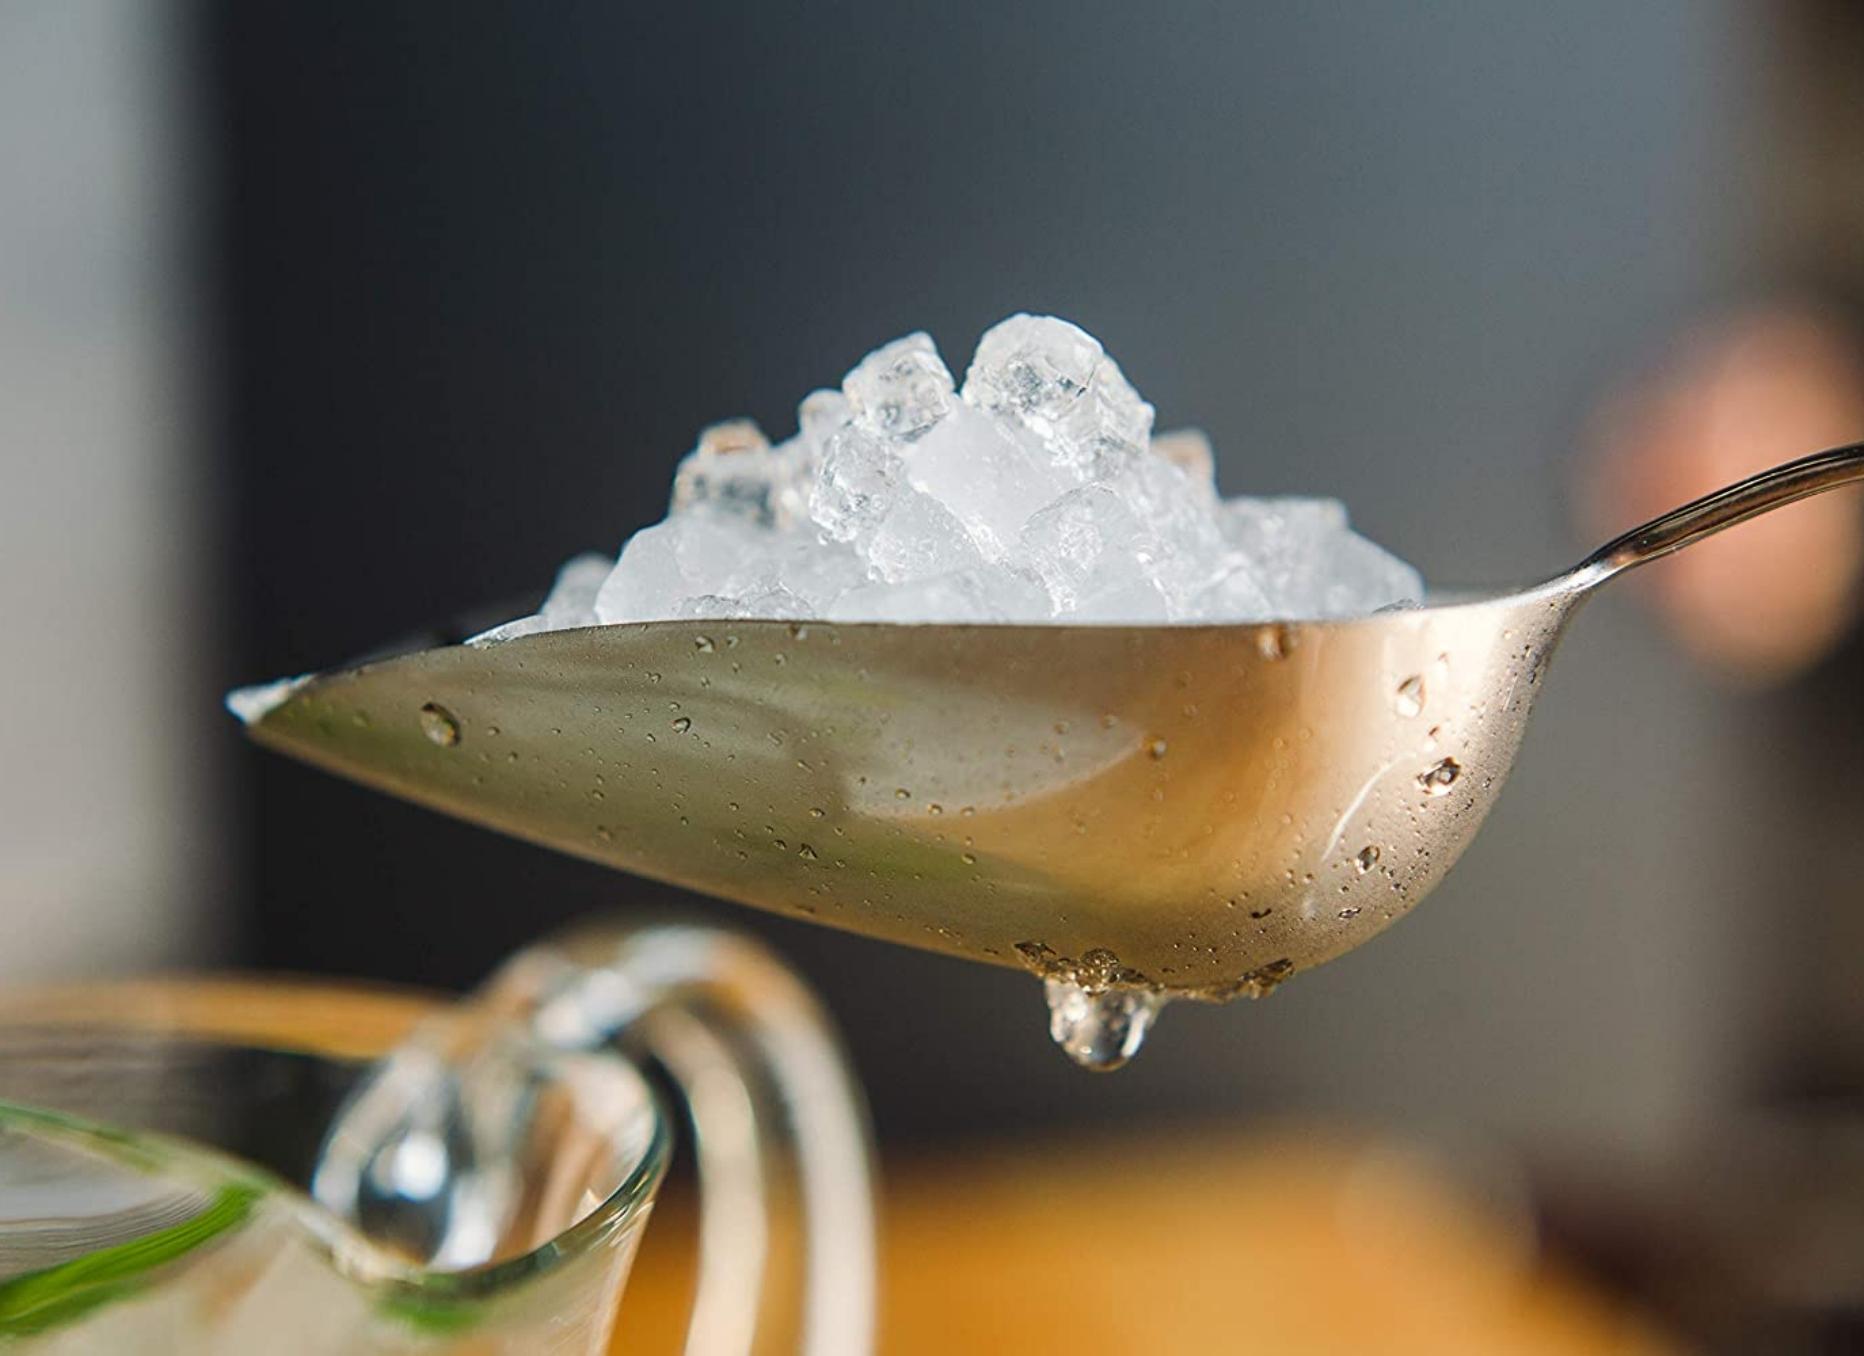 Tiny Ice Hero Image